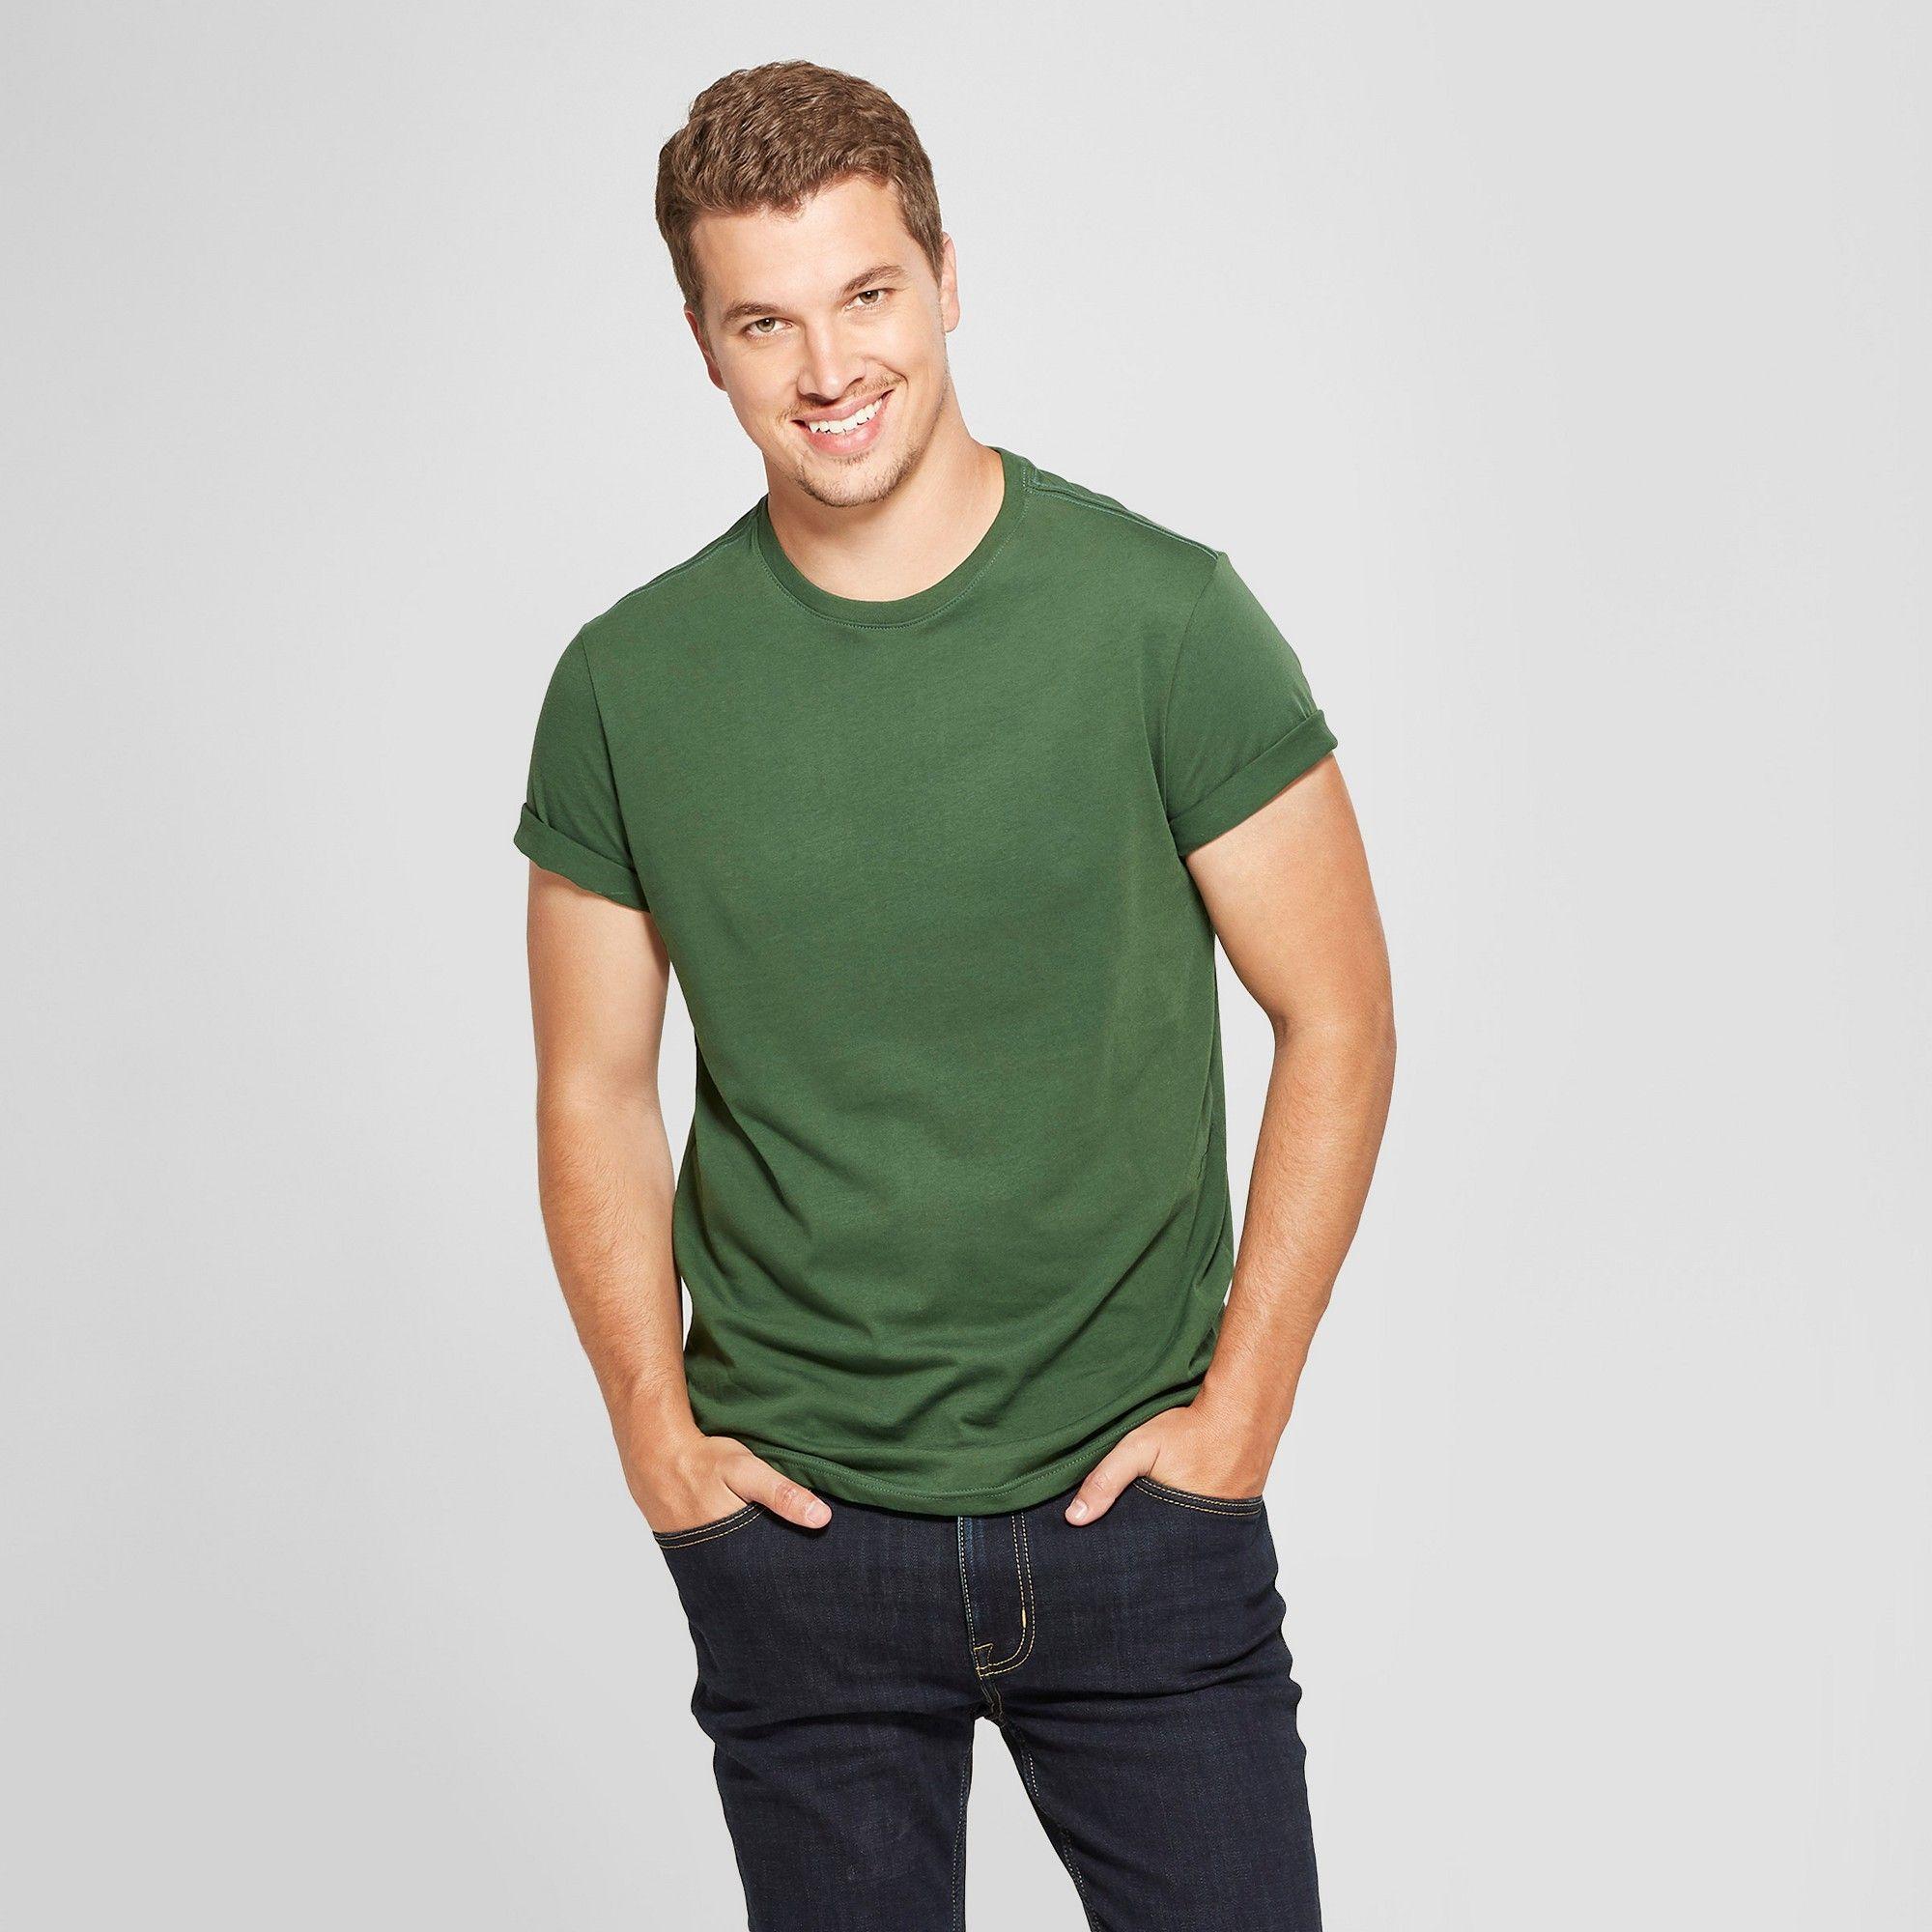 a8e7bcf3 Men's Standard Fit Core Crew Short Sleeve T-Shirt - Goodfellow & Co Banyan  Tree Green 2XL